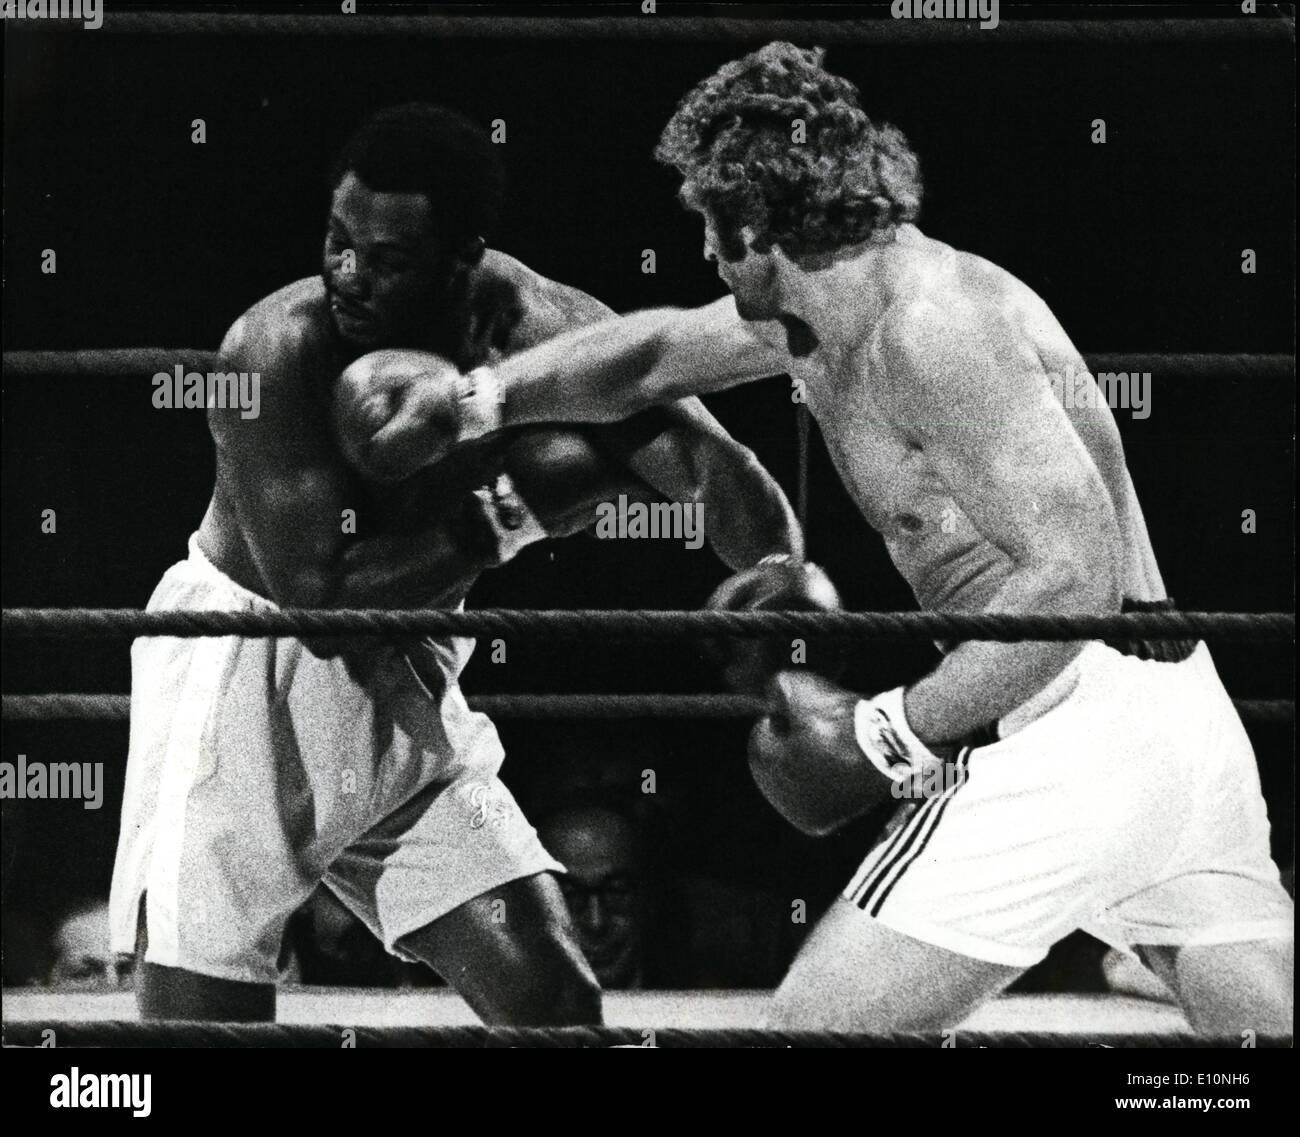 Jul. 07, 1973 - Joe Frazier beats Joe Bugner on Points . Joe Bugner the European heavyweight Champion was beaten on points over - Stock Image